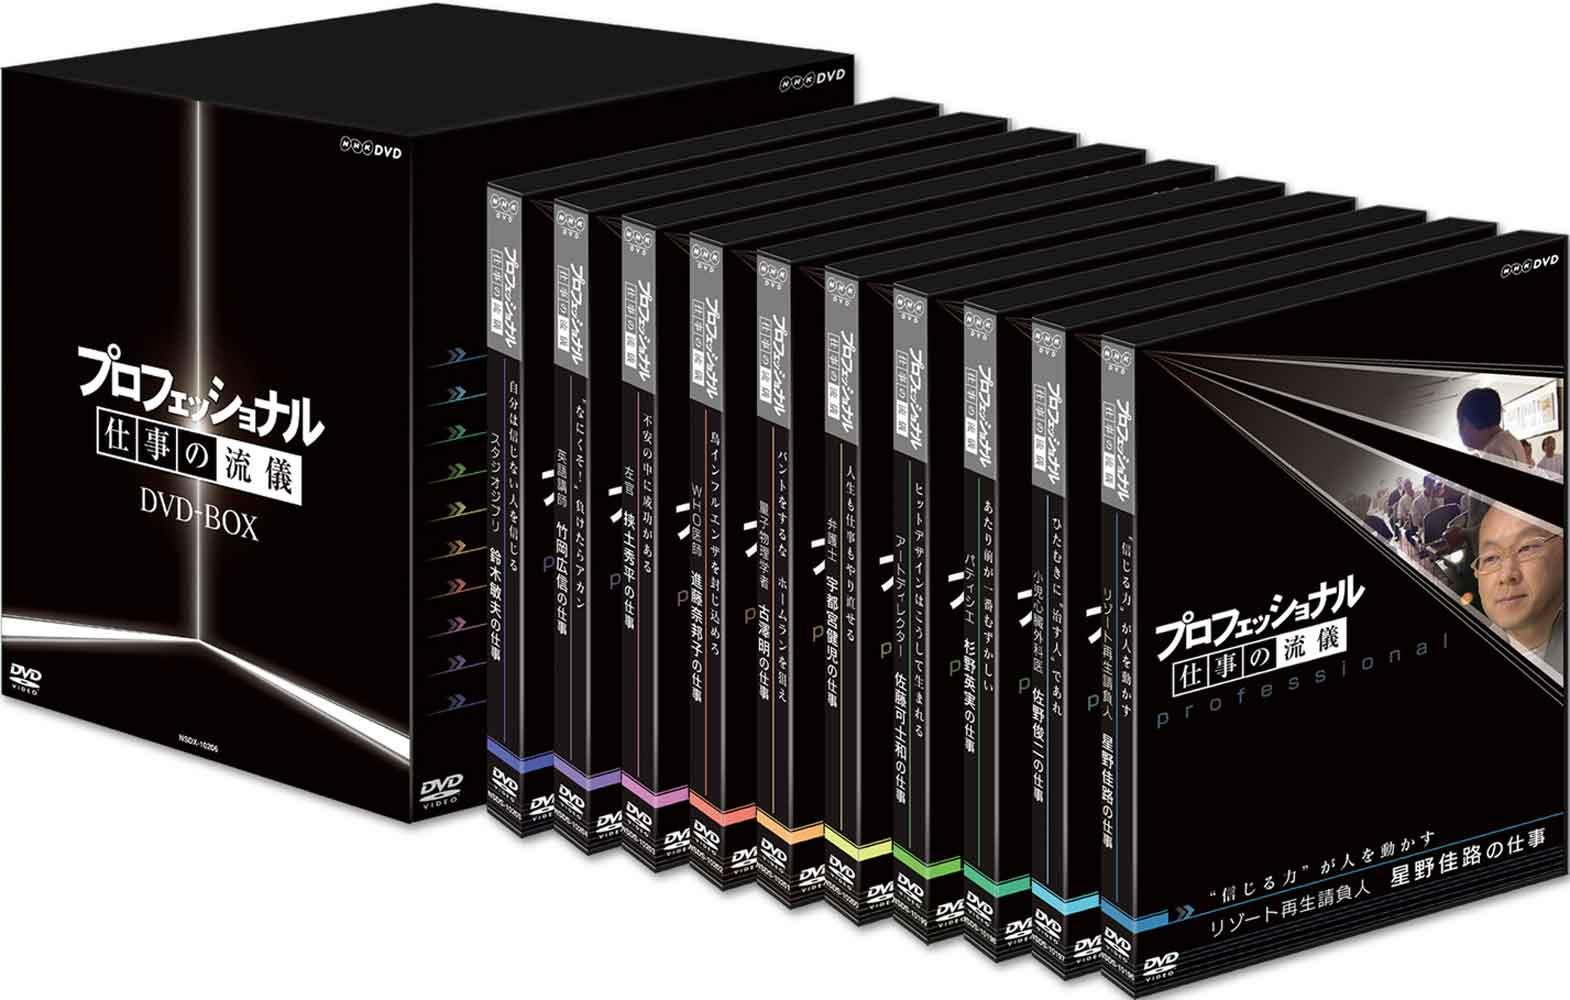 プロフェッショナル 仕事の流儀 第1期 DVD-BOX